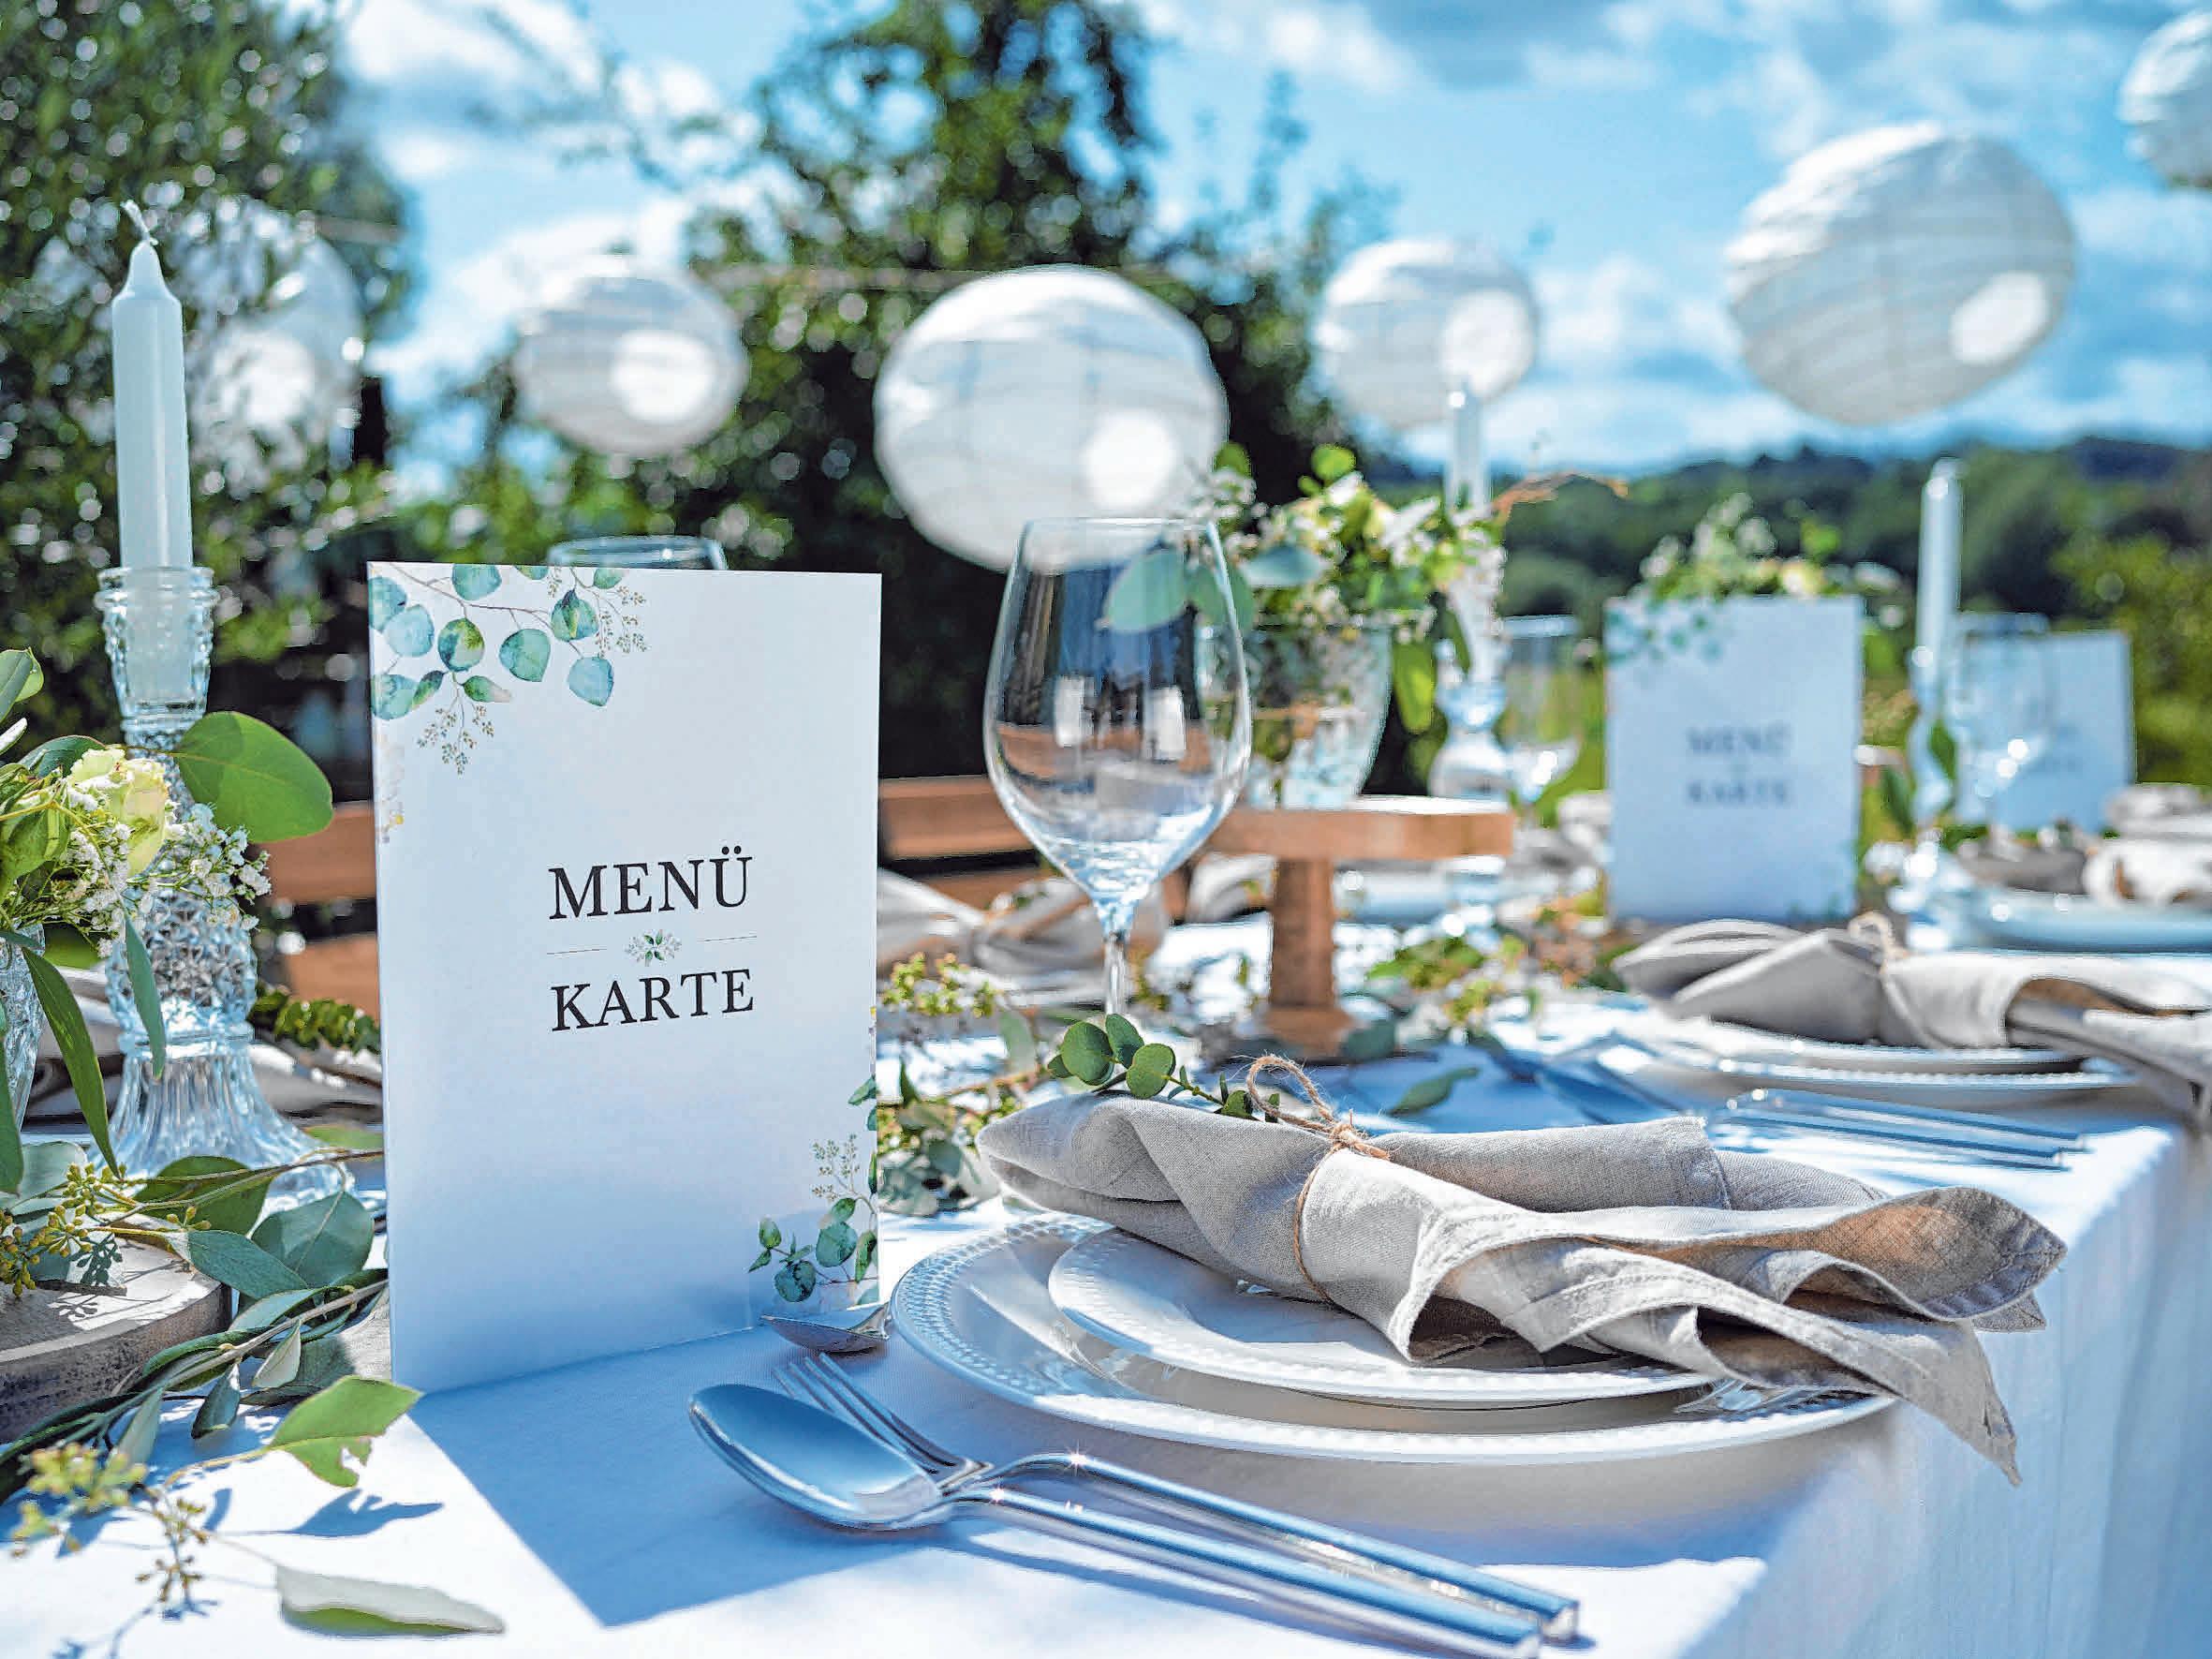 Die Tischdekoration bis hin zu den individuell gestalteten Menükarten spiegelt das Thema der Hochzeitsfeier wider.